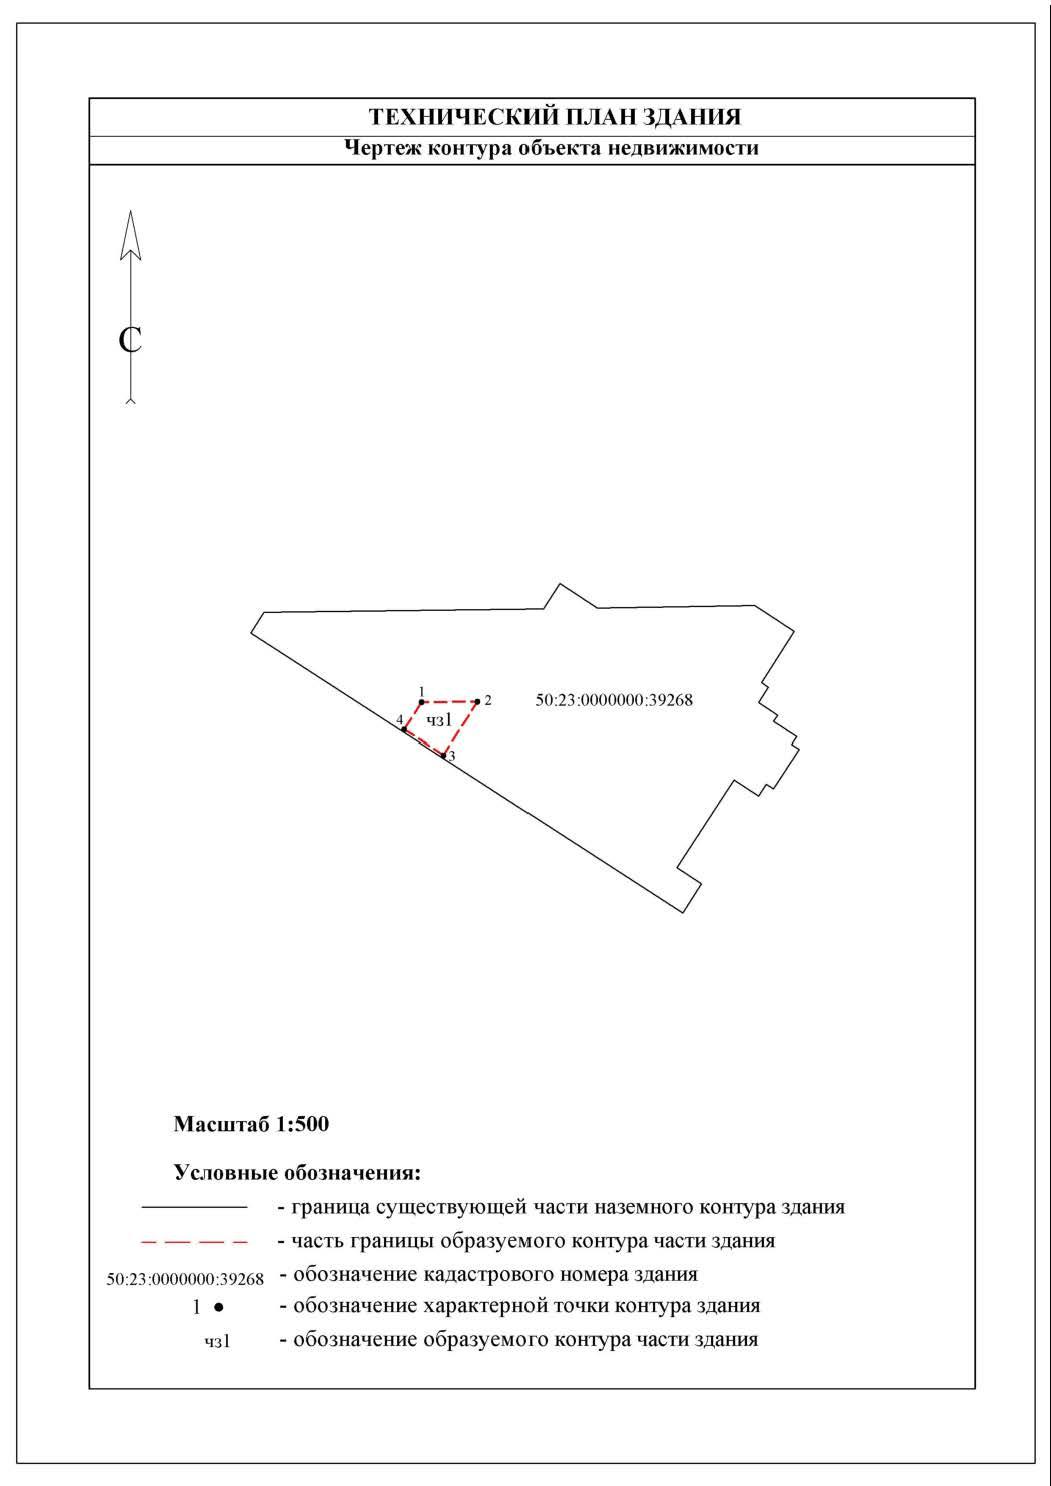 В техническом плане описывается местоположение объекта на участке, указываются его координаты.